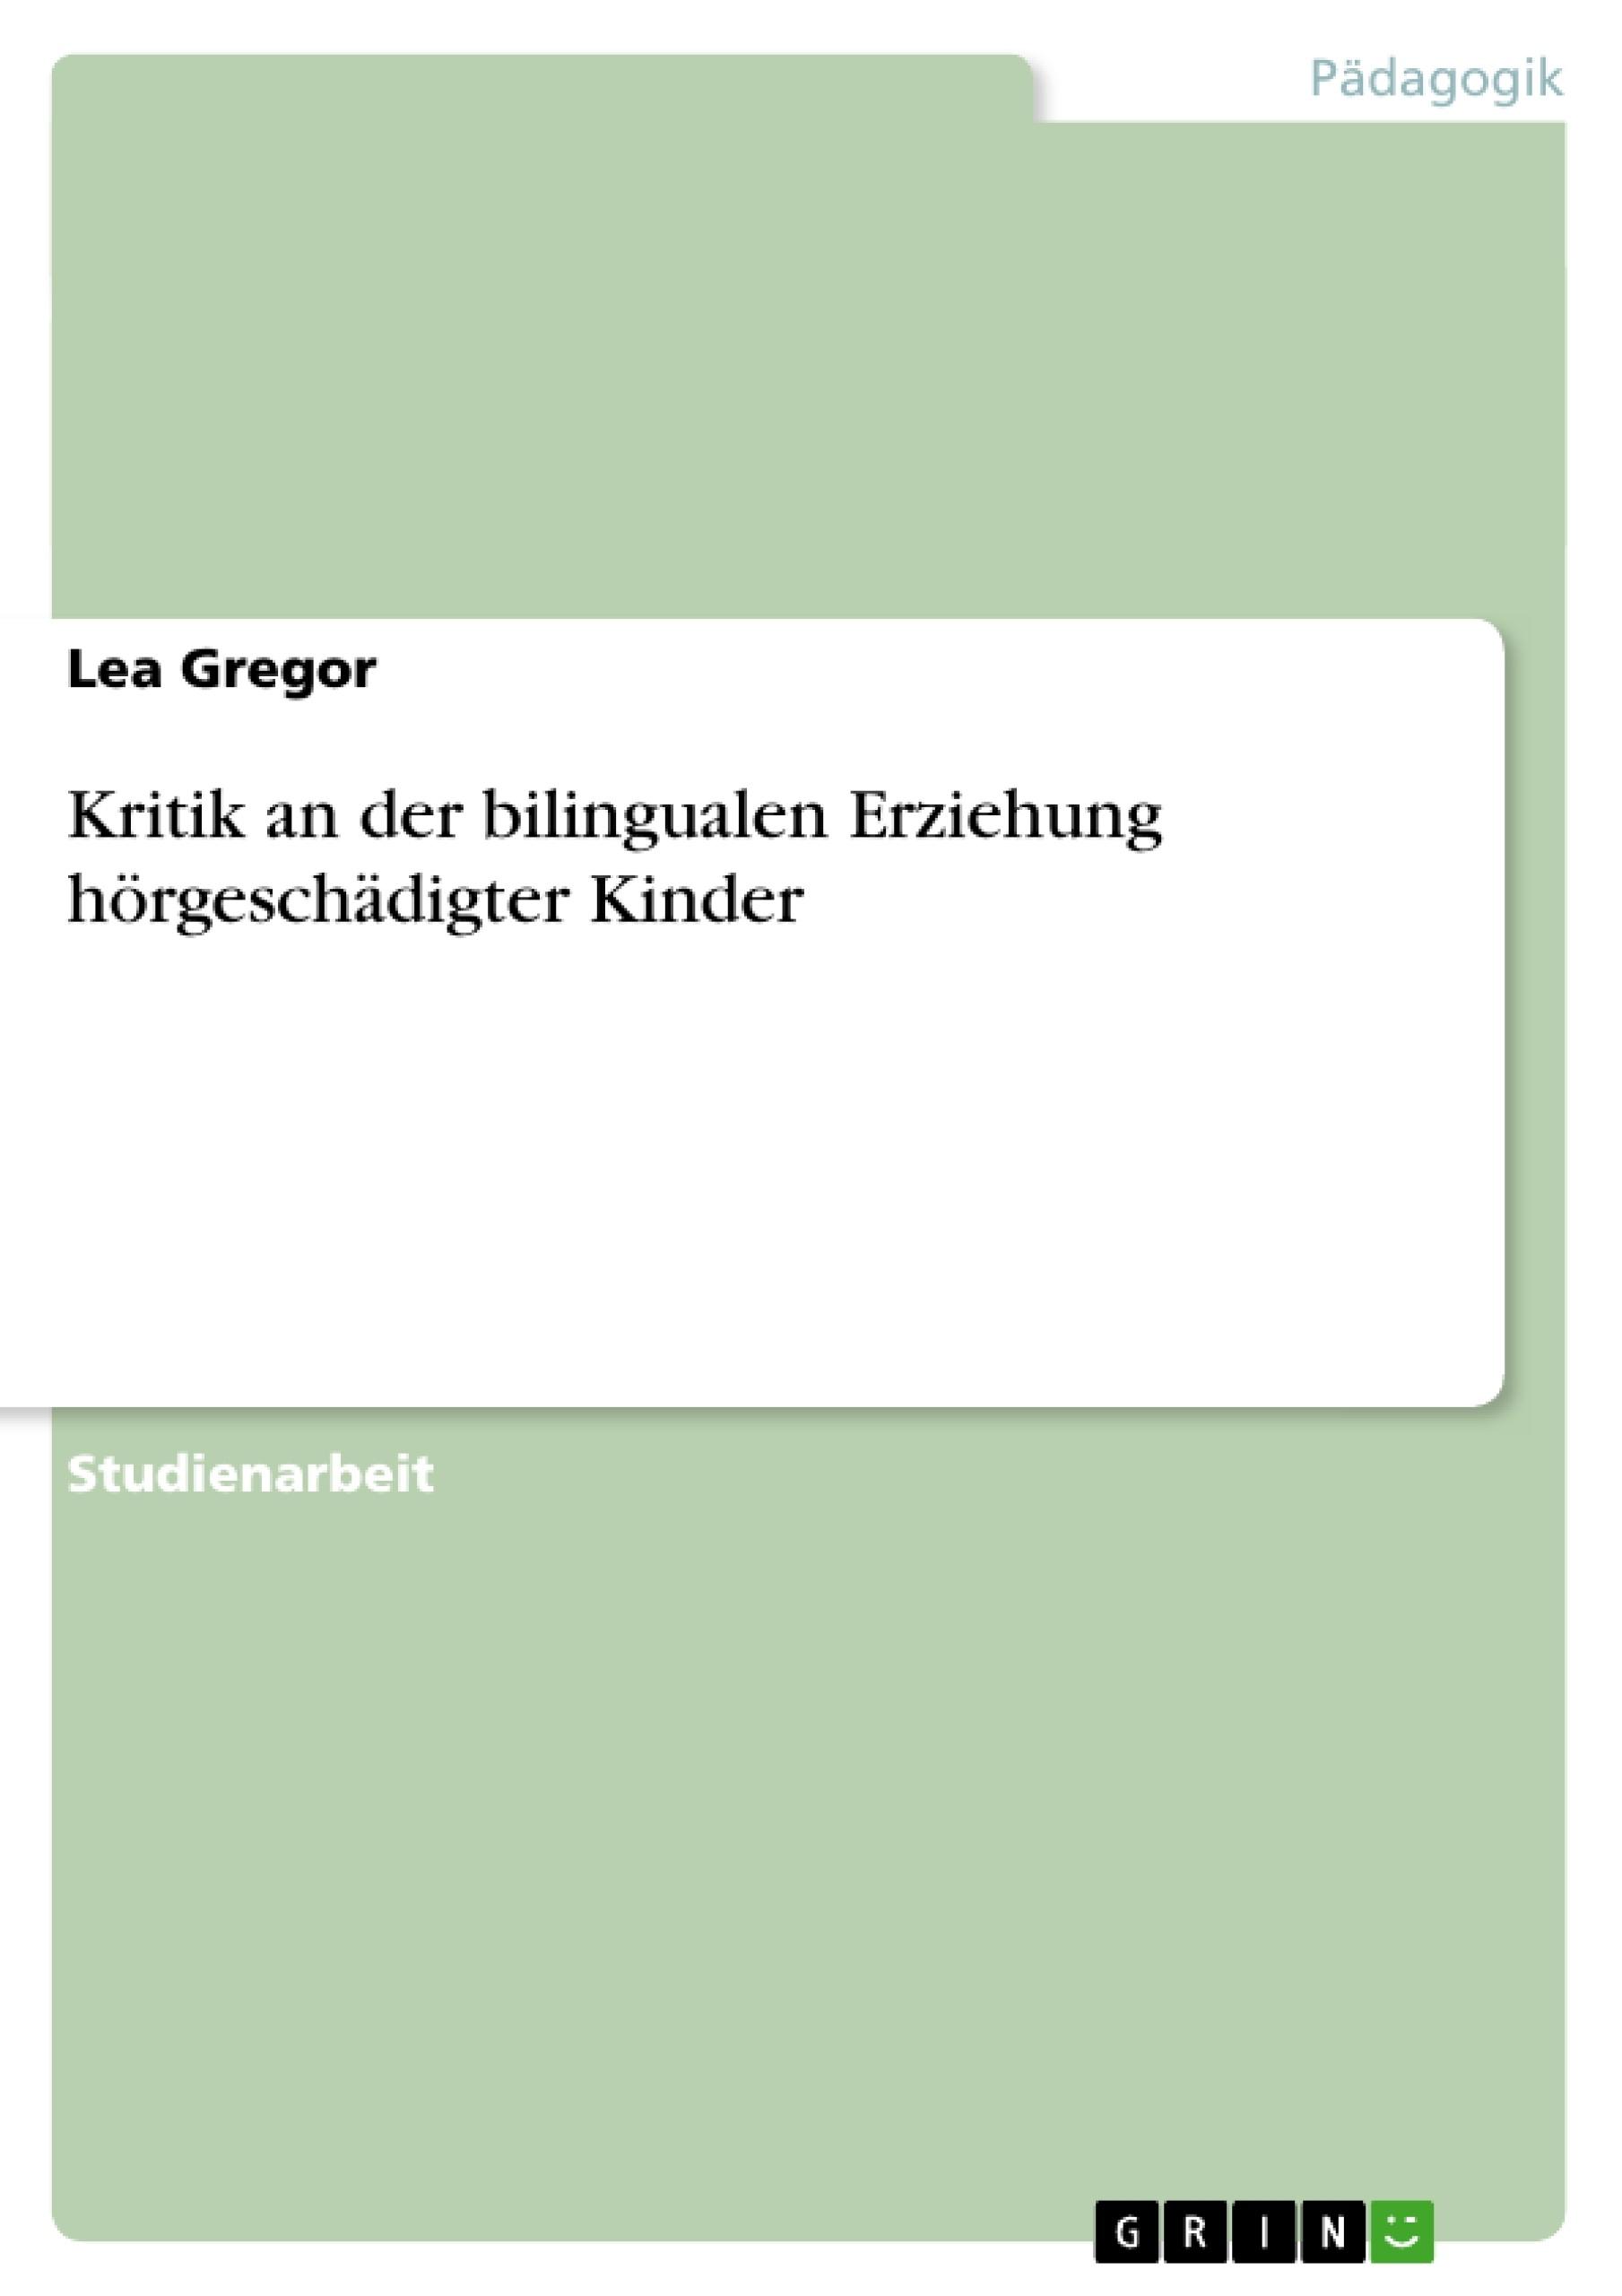 Titel: Kritik an der bilingualen Erziehung hörgeschädigter Kinder